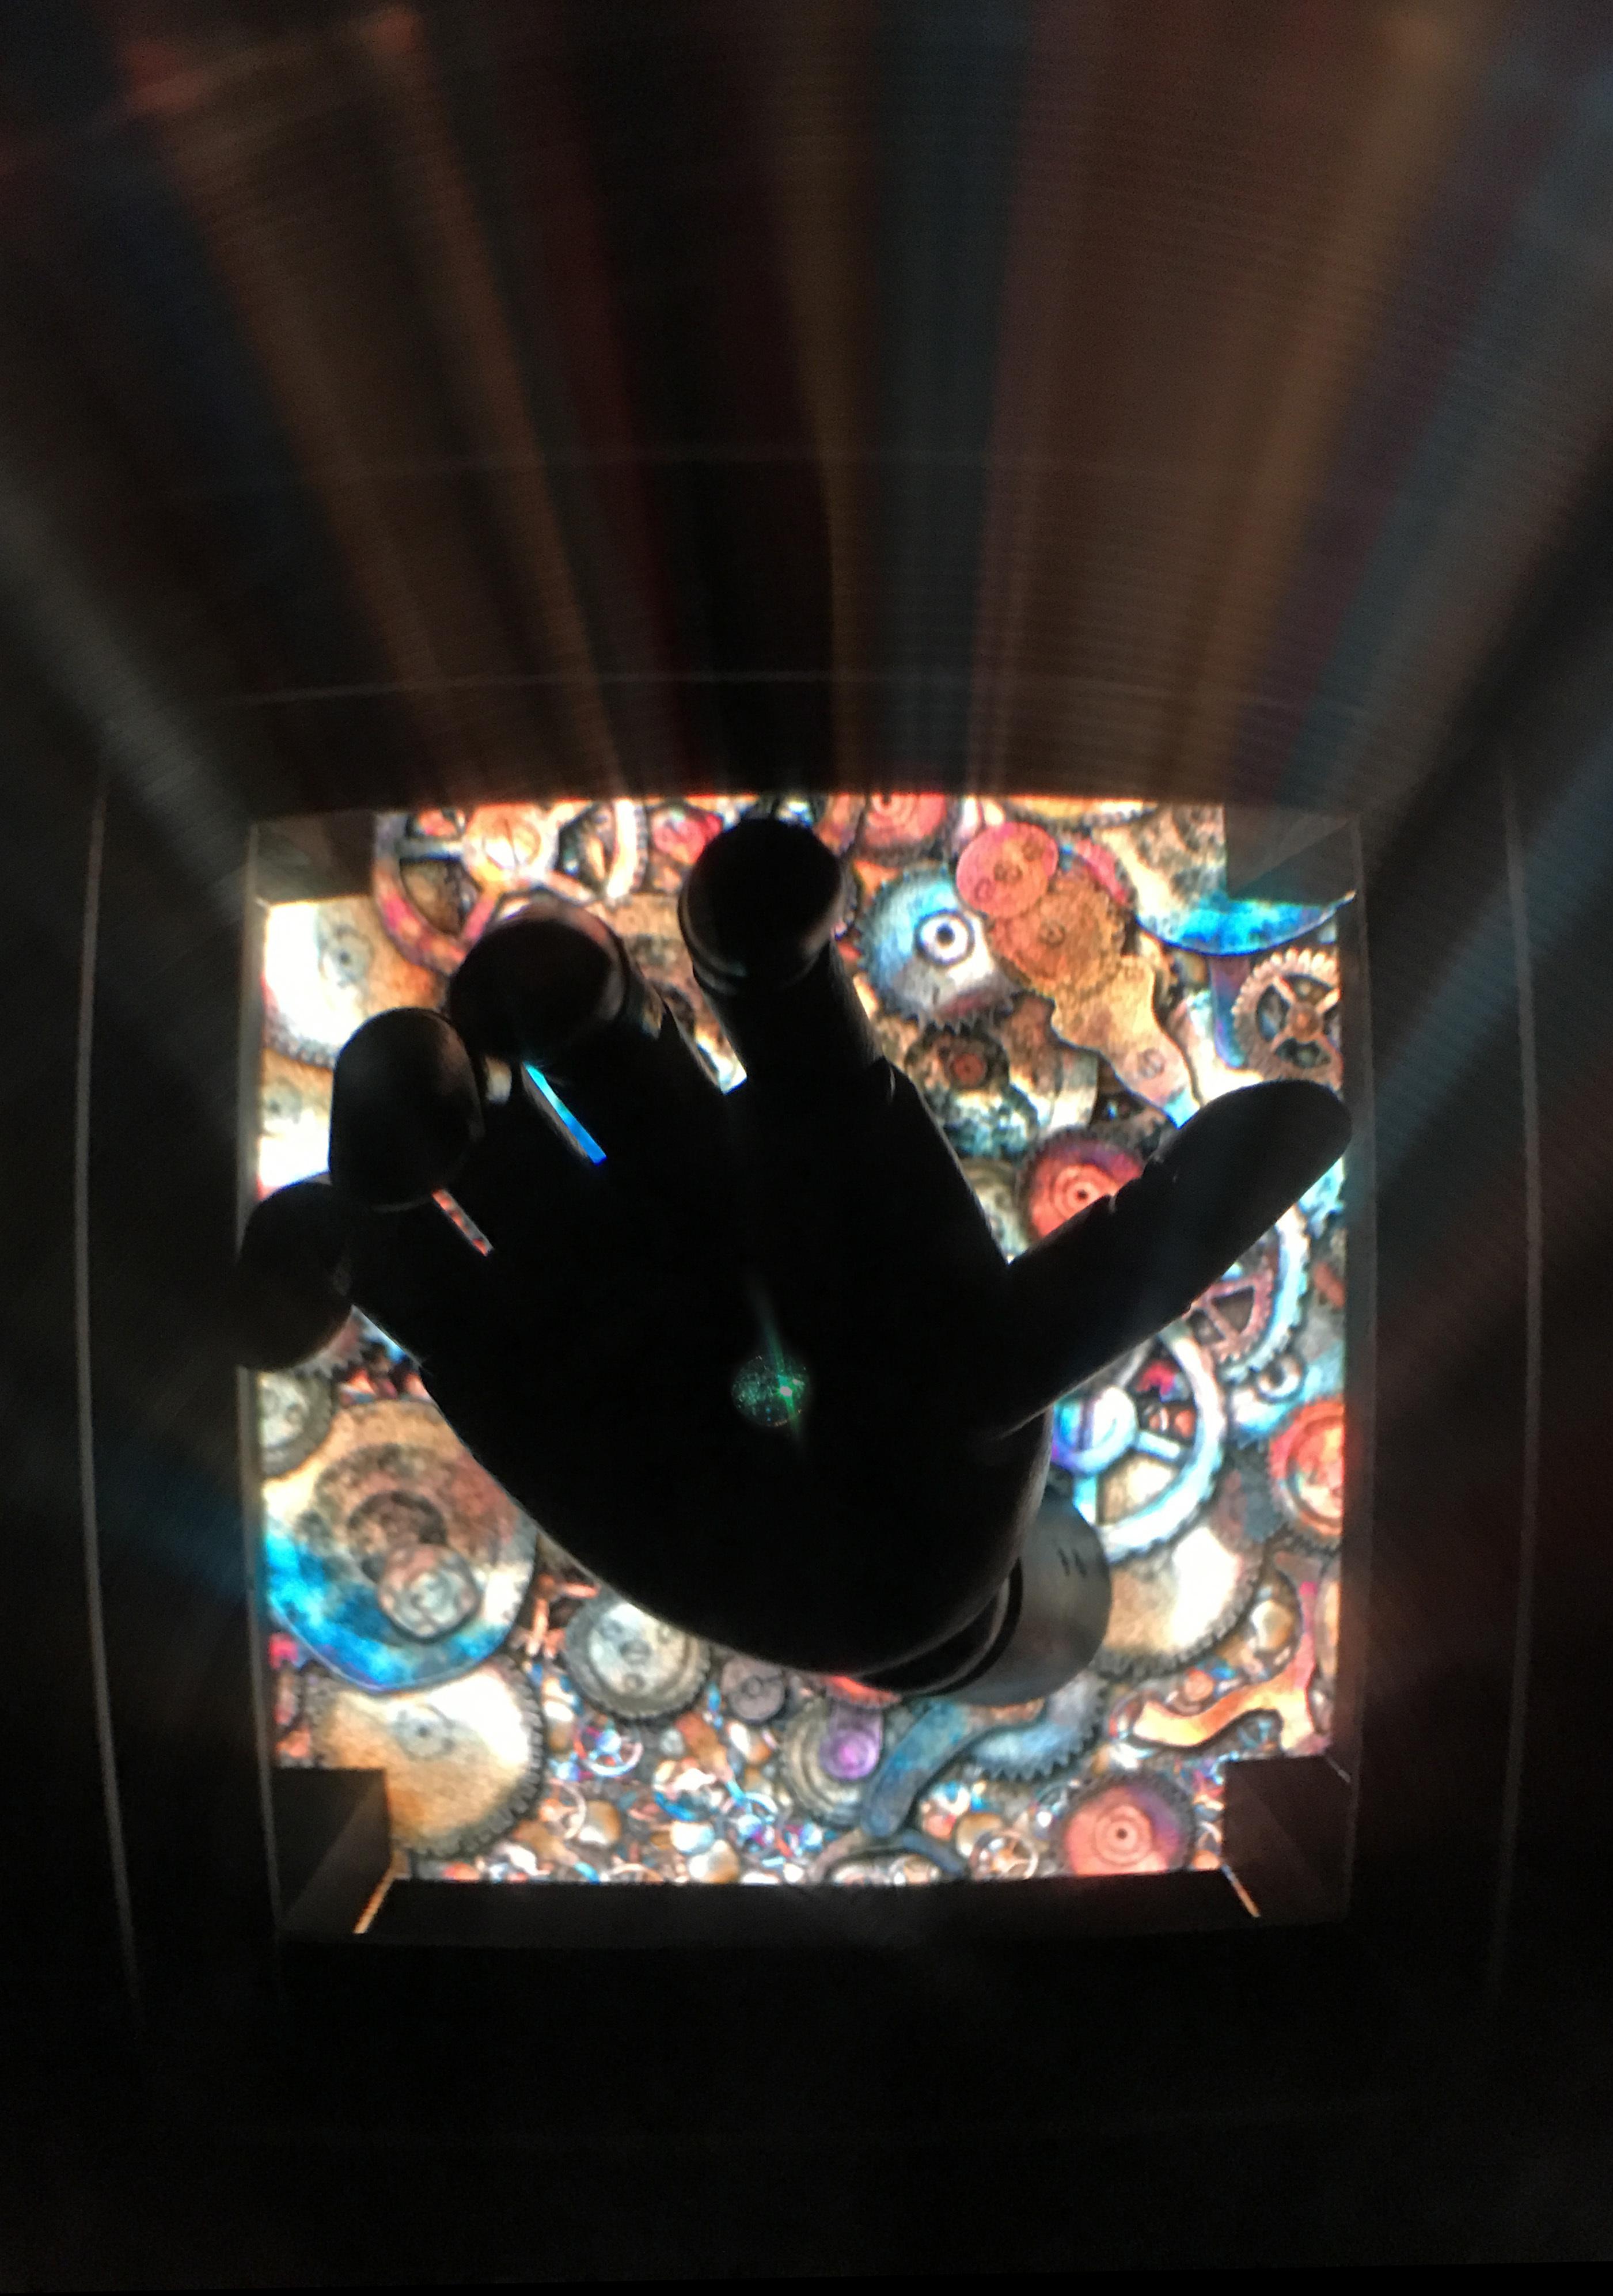 『カール・セーガン博士没後20年企画「宇宙視線」~ボイジャーが見た風景~』イメージ